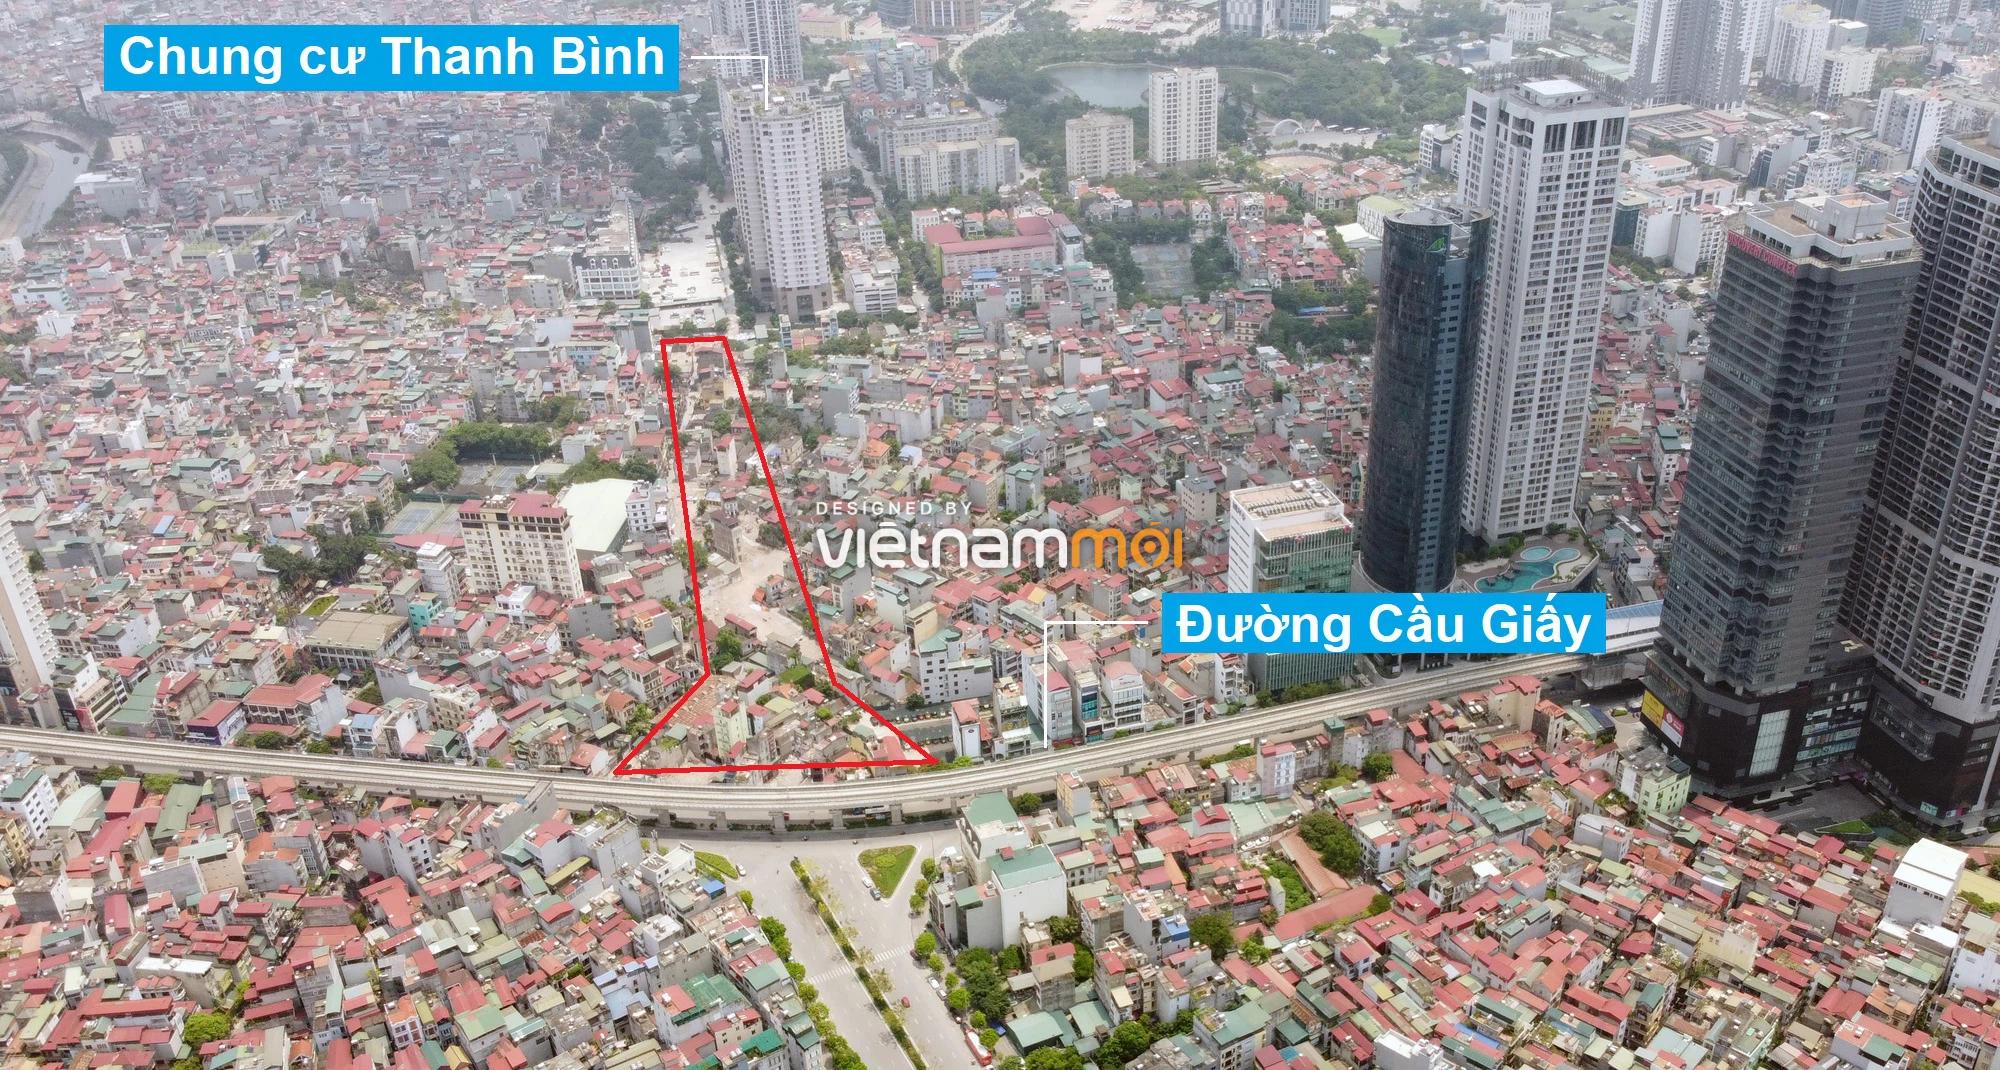 Những khu đất sắp thu hồi để mở đường ở quận Cầu Giấy, Hà Nội - Ảnh 10.